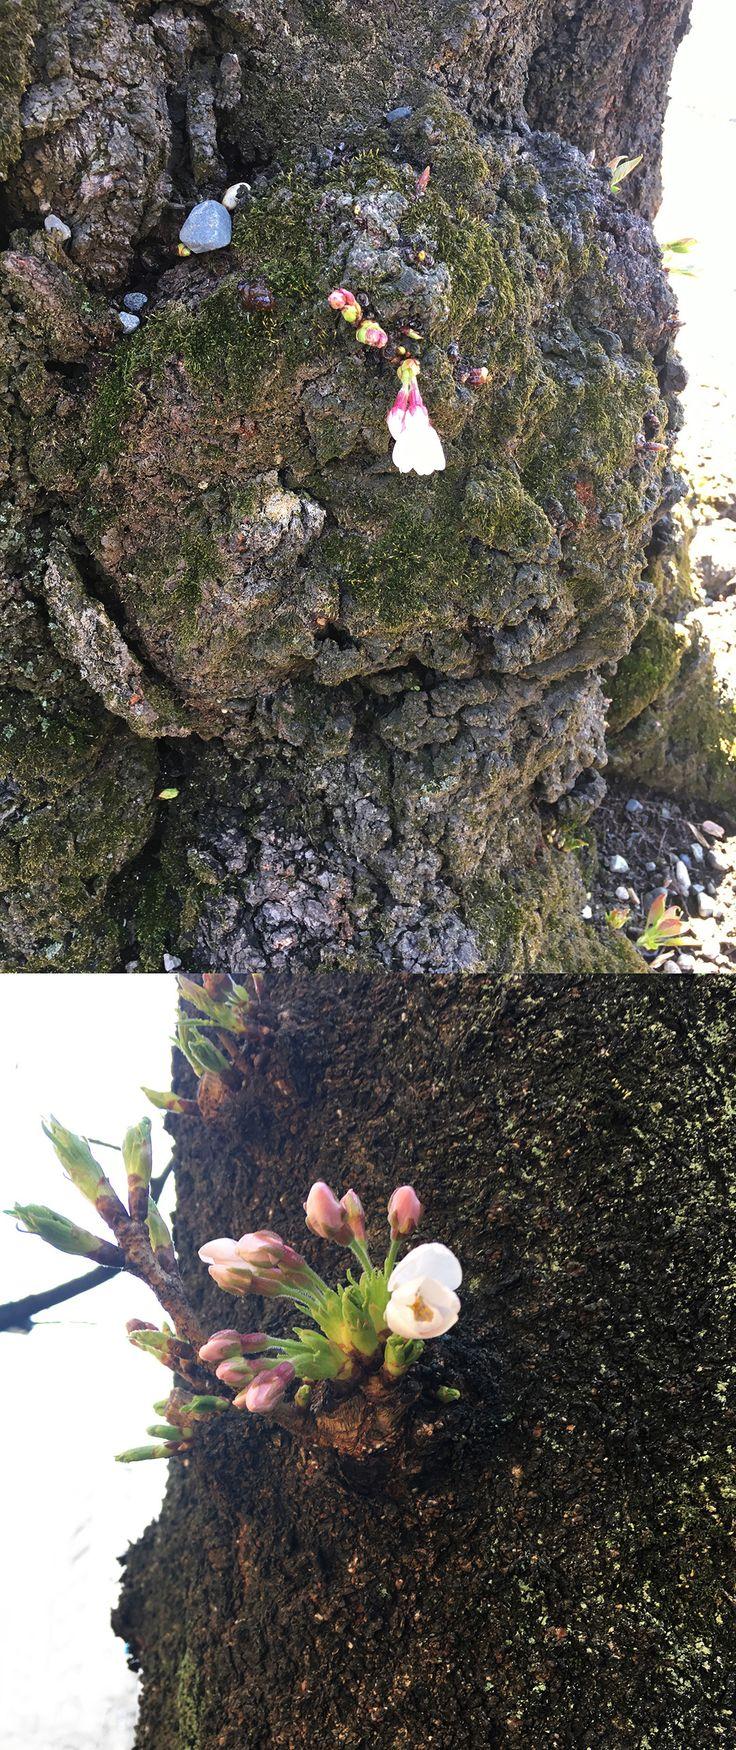 【編集者M】昨日靖国神社で編集長が見つけた小さな桜のつぶ子ちゃん(仮)。今日はまだ開花していませんが、少しだけ花が咲き始めているような気がします。その代わり、外の靖国通りにいるつぶ子ちゃん2号(仮)はきれいな花を咲かせていました🌸つぶ子ちゃん(仮)も負けずにがんばれ!